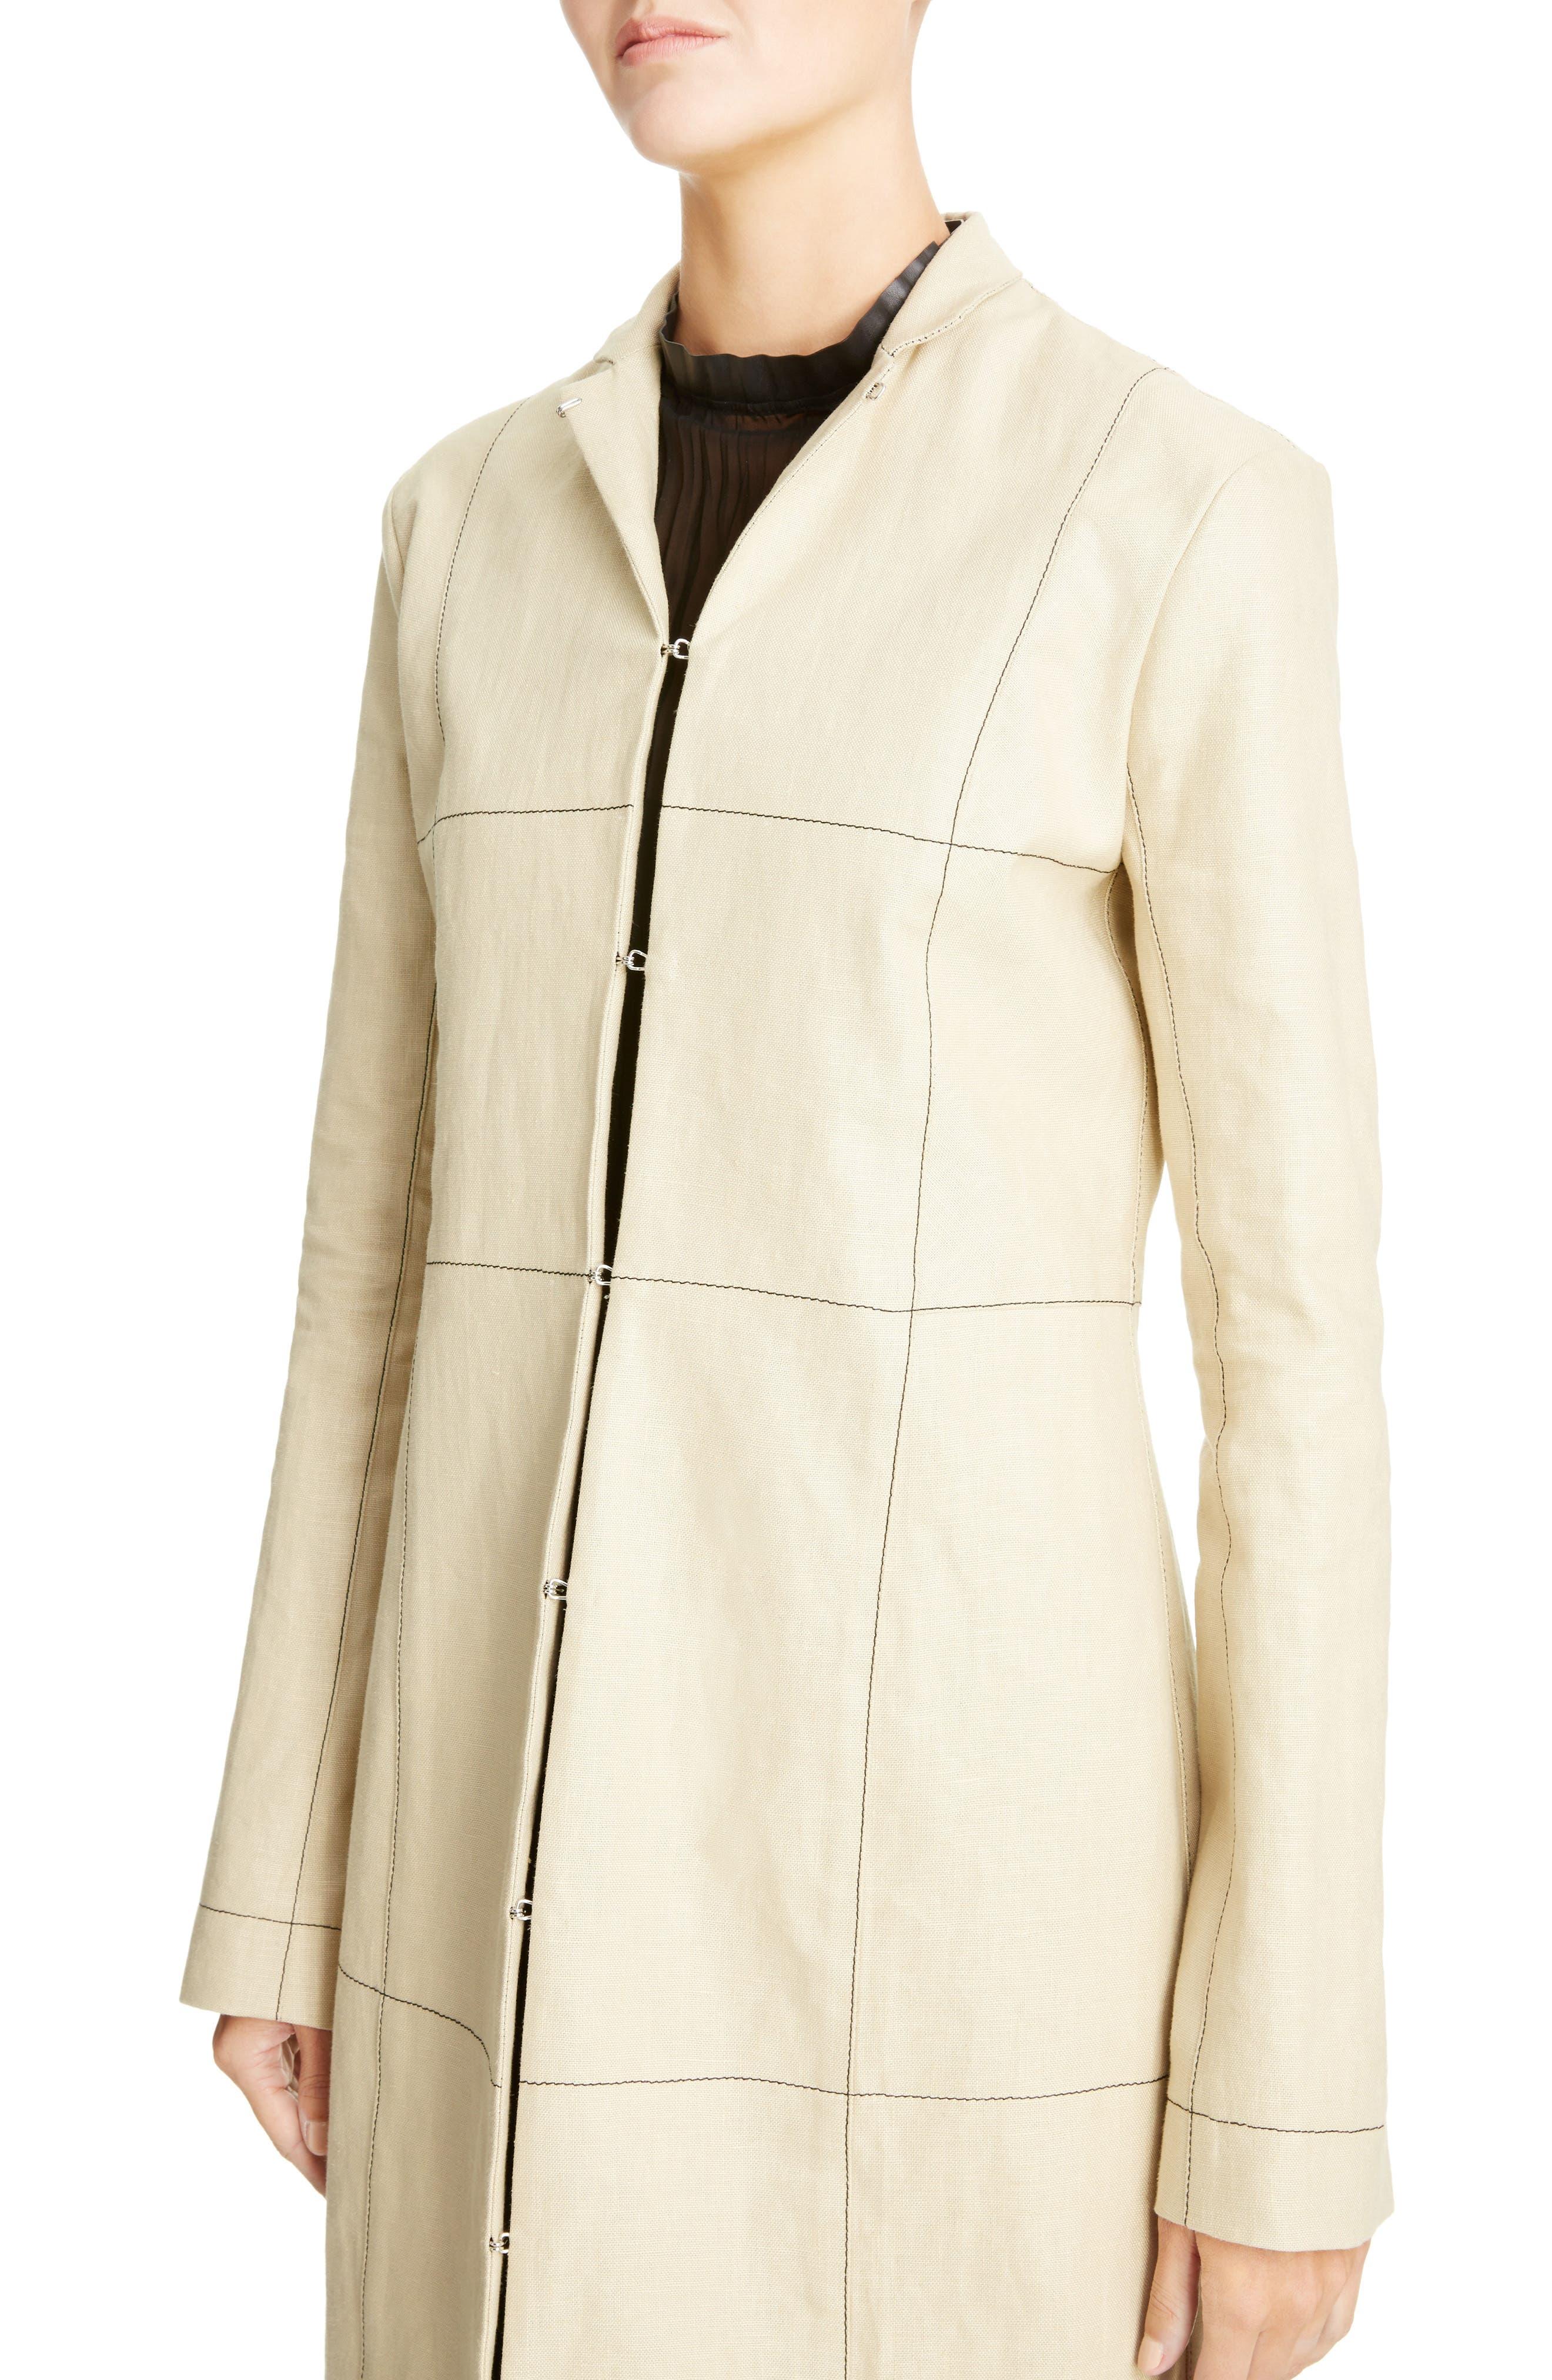 Topstitched Linen Coat,                             Alternate thumbnail 4, color,                             Beige